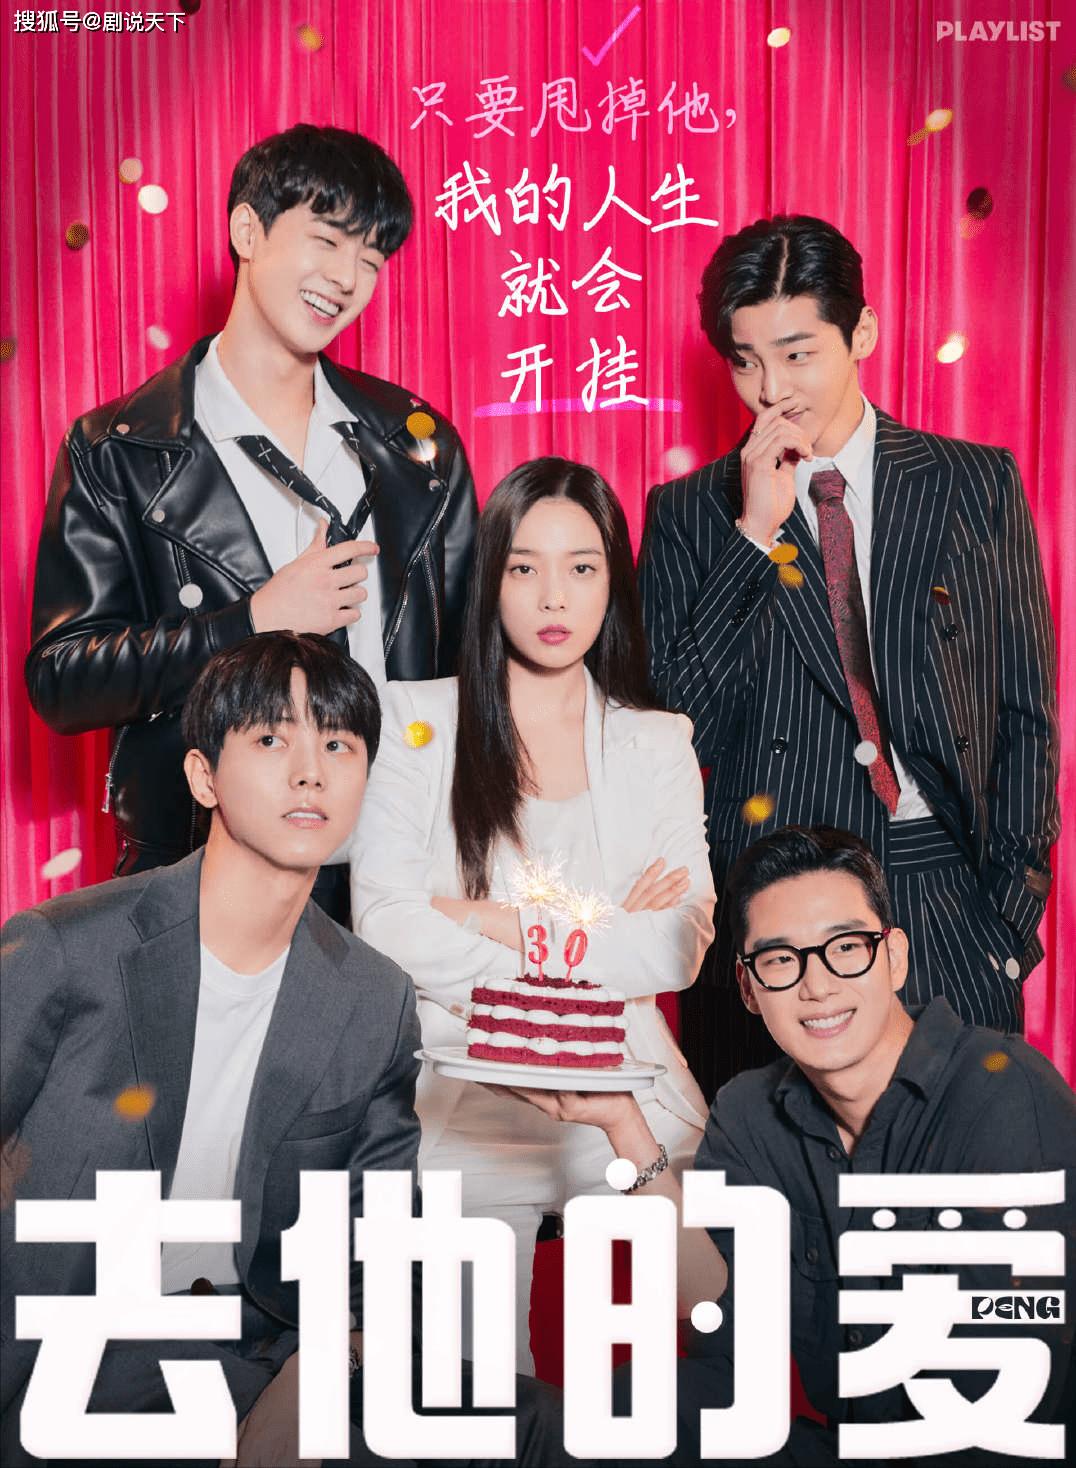 韩剧《恋慕》正式开播,演员的阵容怎么样呢? 韩剧花仙女剧情